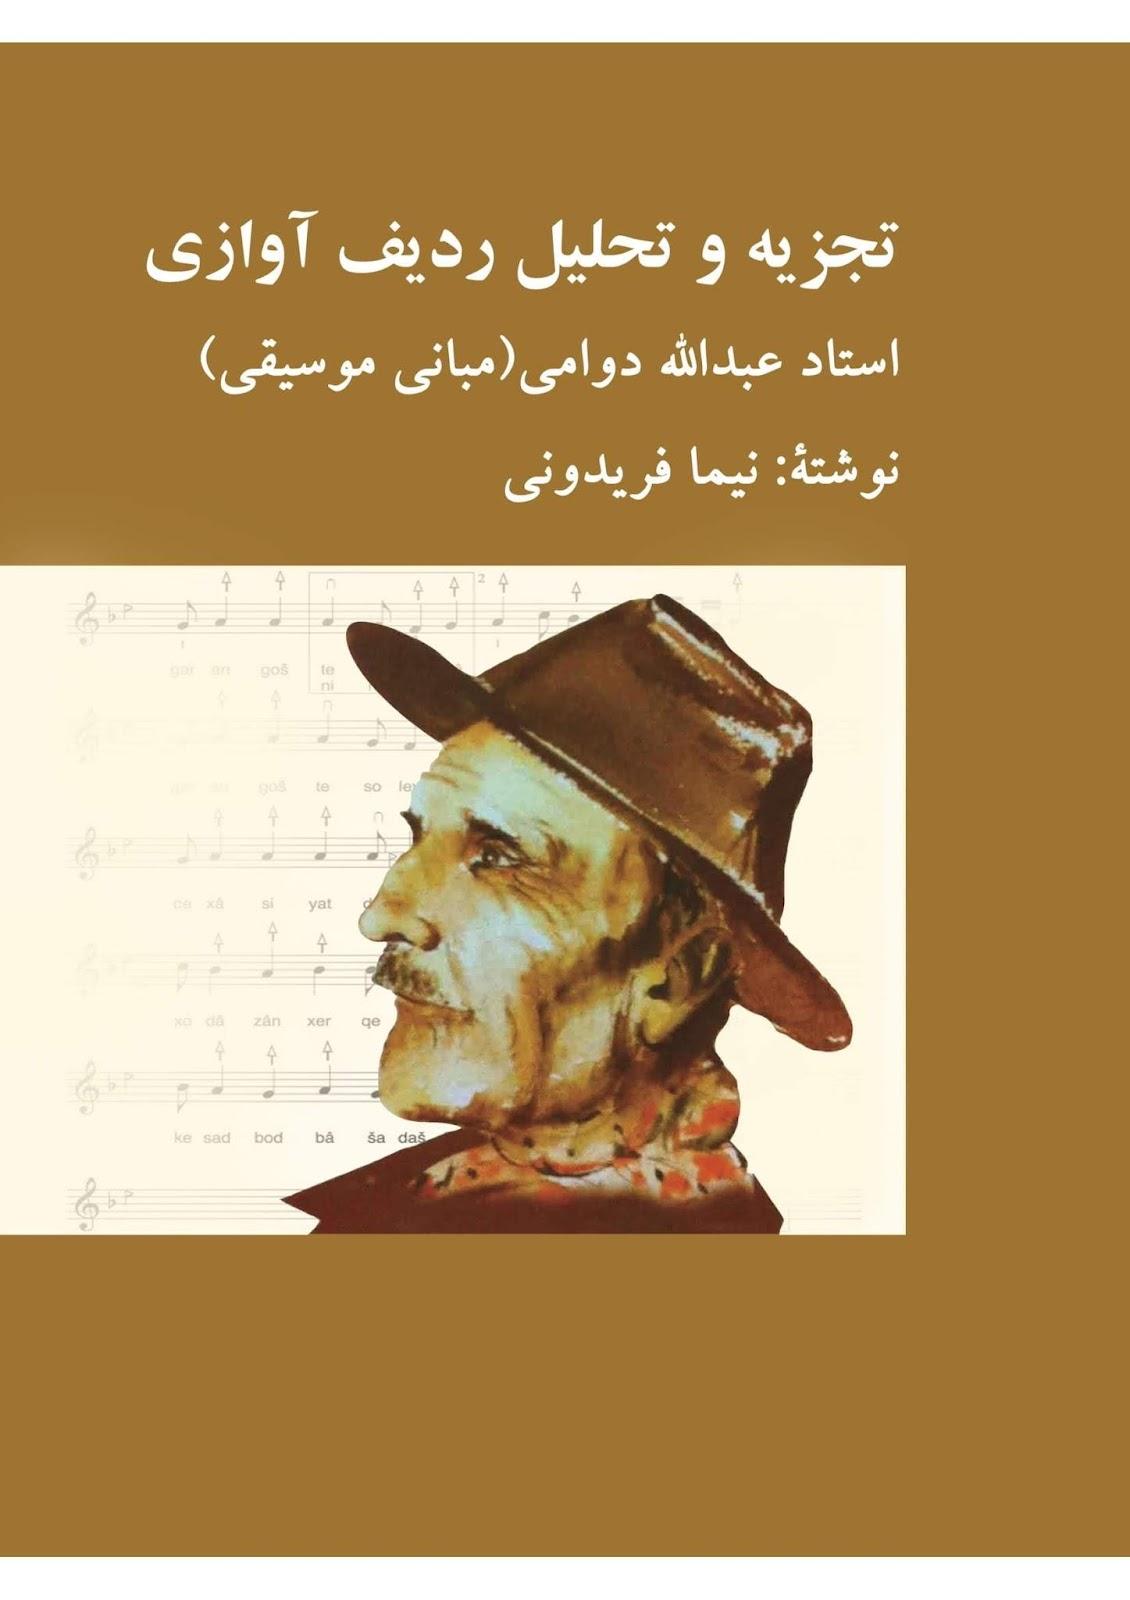 دانلود کتاب تجزیه و تحلیل ردیف آوازی استاد عبدالله دوامی نوشتهی نیما فریدونی